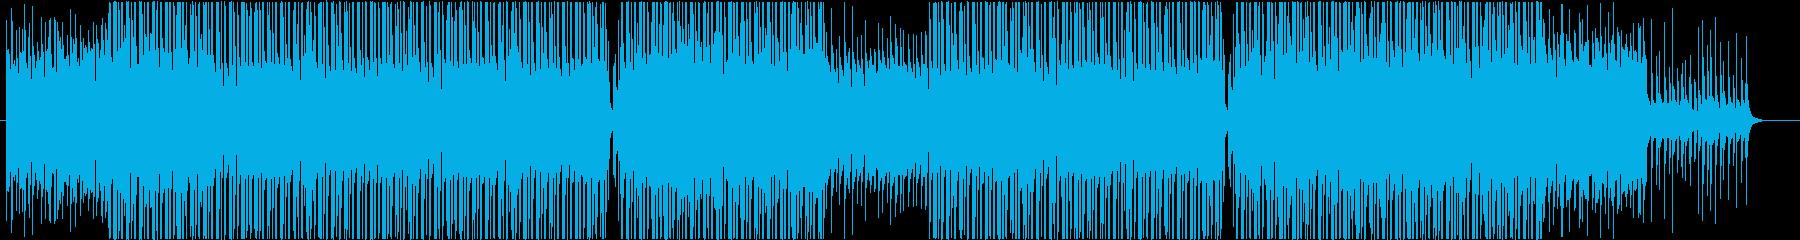 洋楽、レゲエ、トロピカルビート♫の再生済みの波形